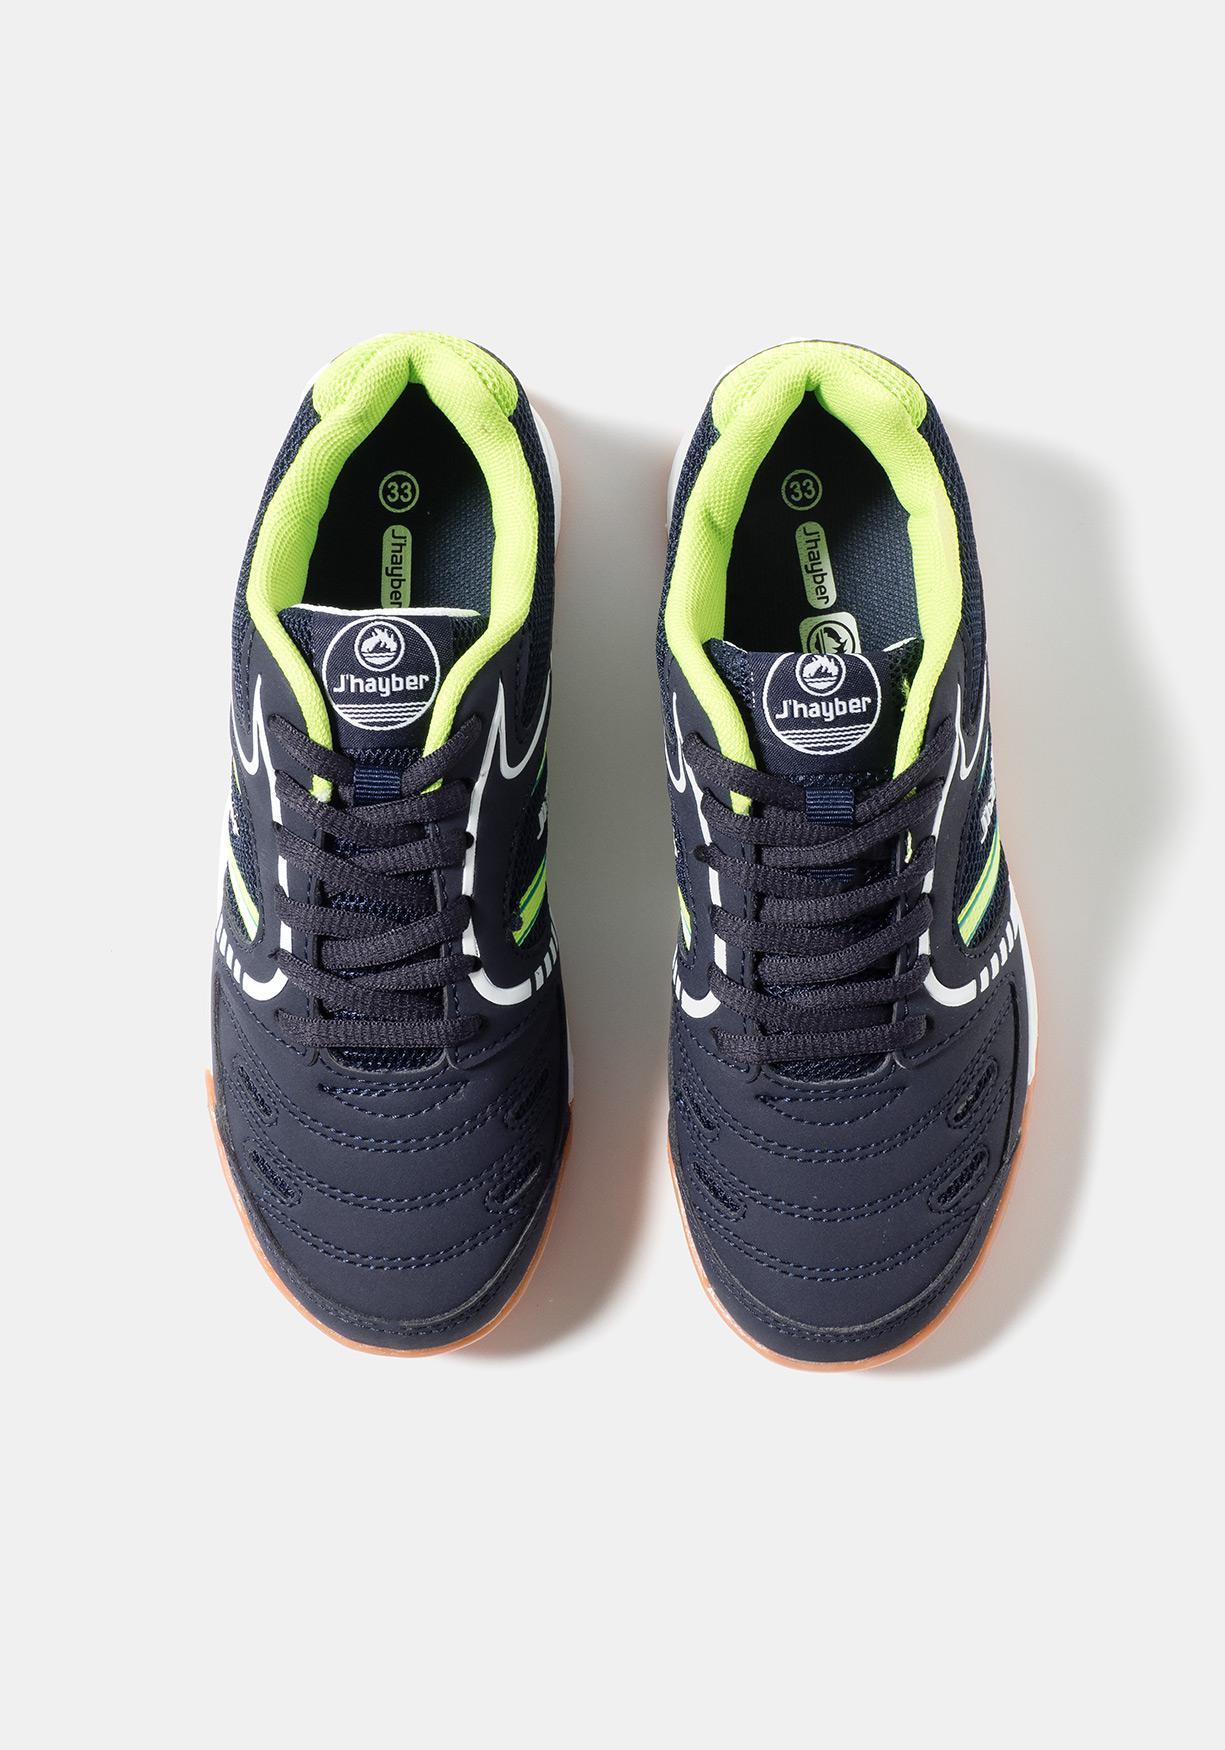 1ee7119ae93a1 Comprar Zapatillas de fútbol sala J`HAYBER (Tallas 31 a 39 ...